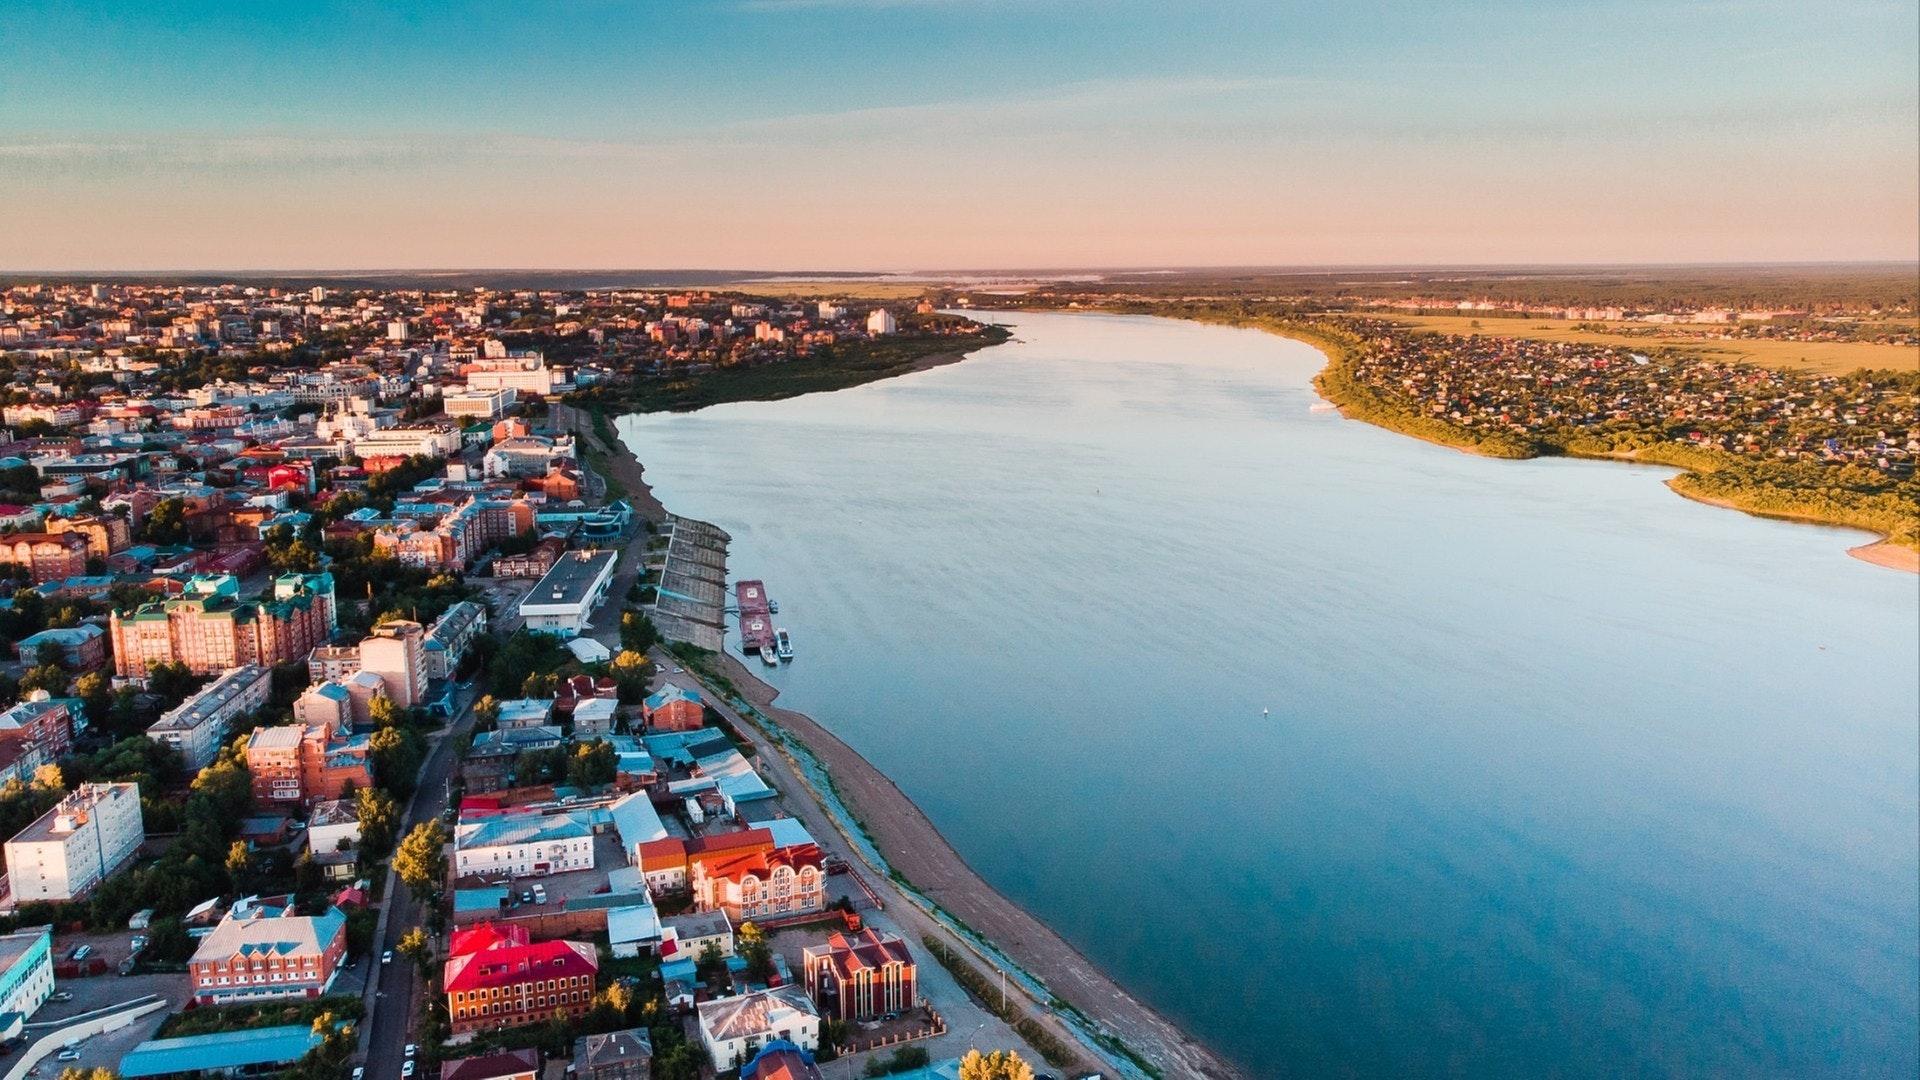 トムスクの街並みシベリア, ロシア. トム川 ドローンの空中上面図